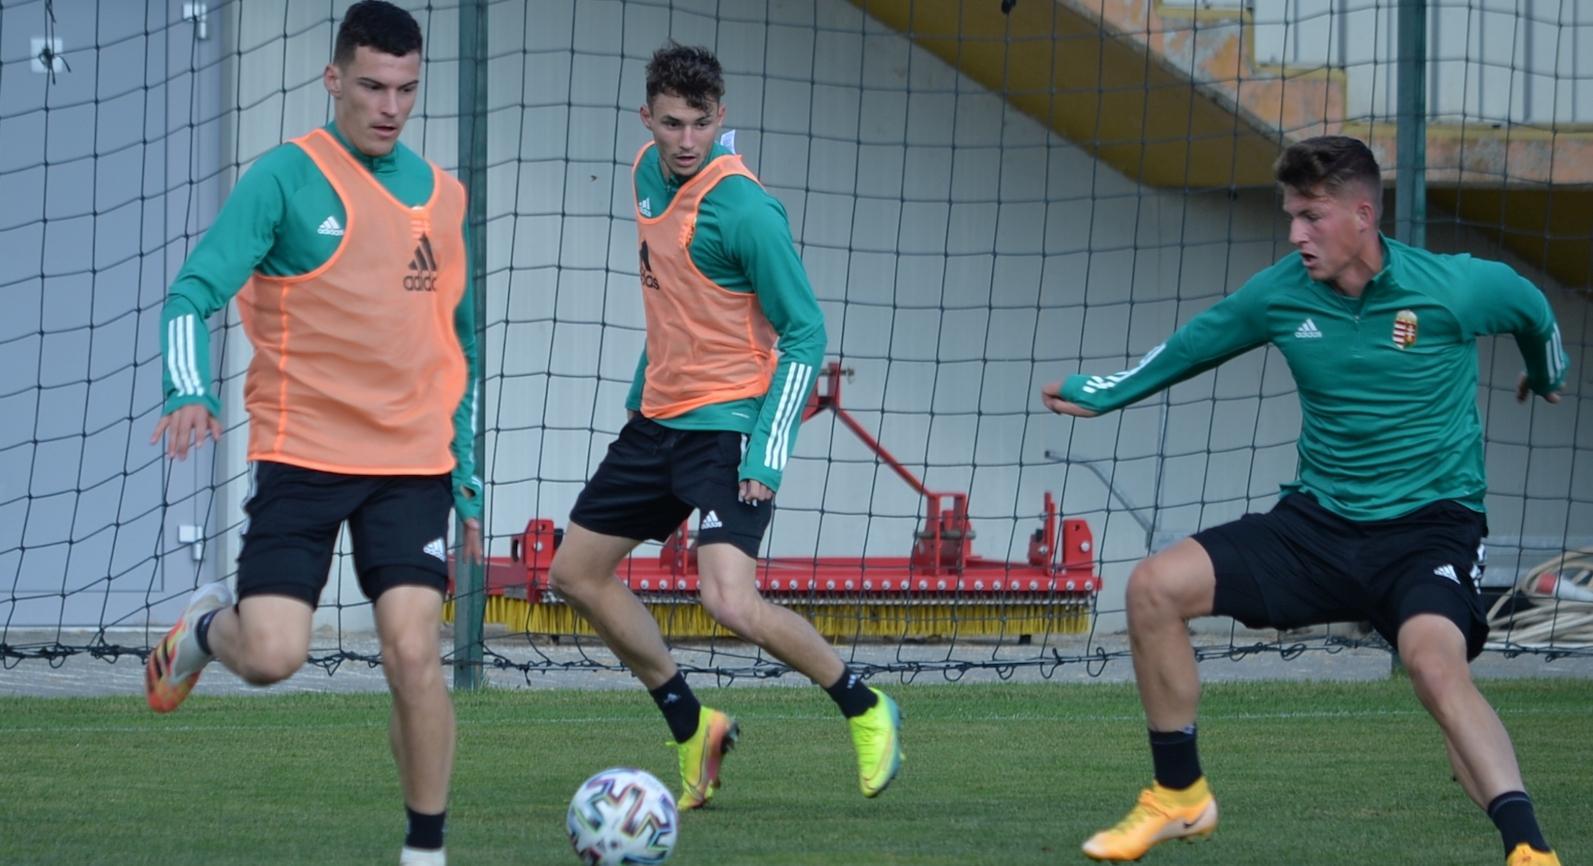 U21-eseink végül nem játszanak, Mijatovicra és Miovskira tétmeccs vár